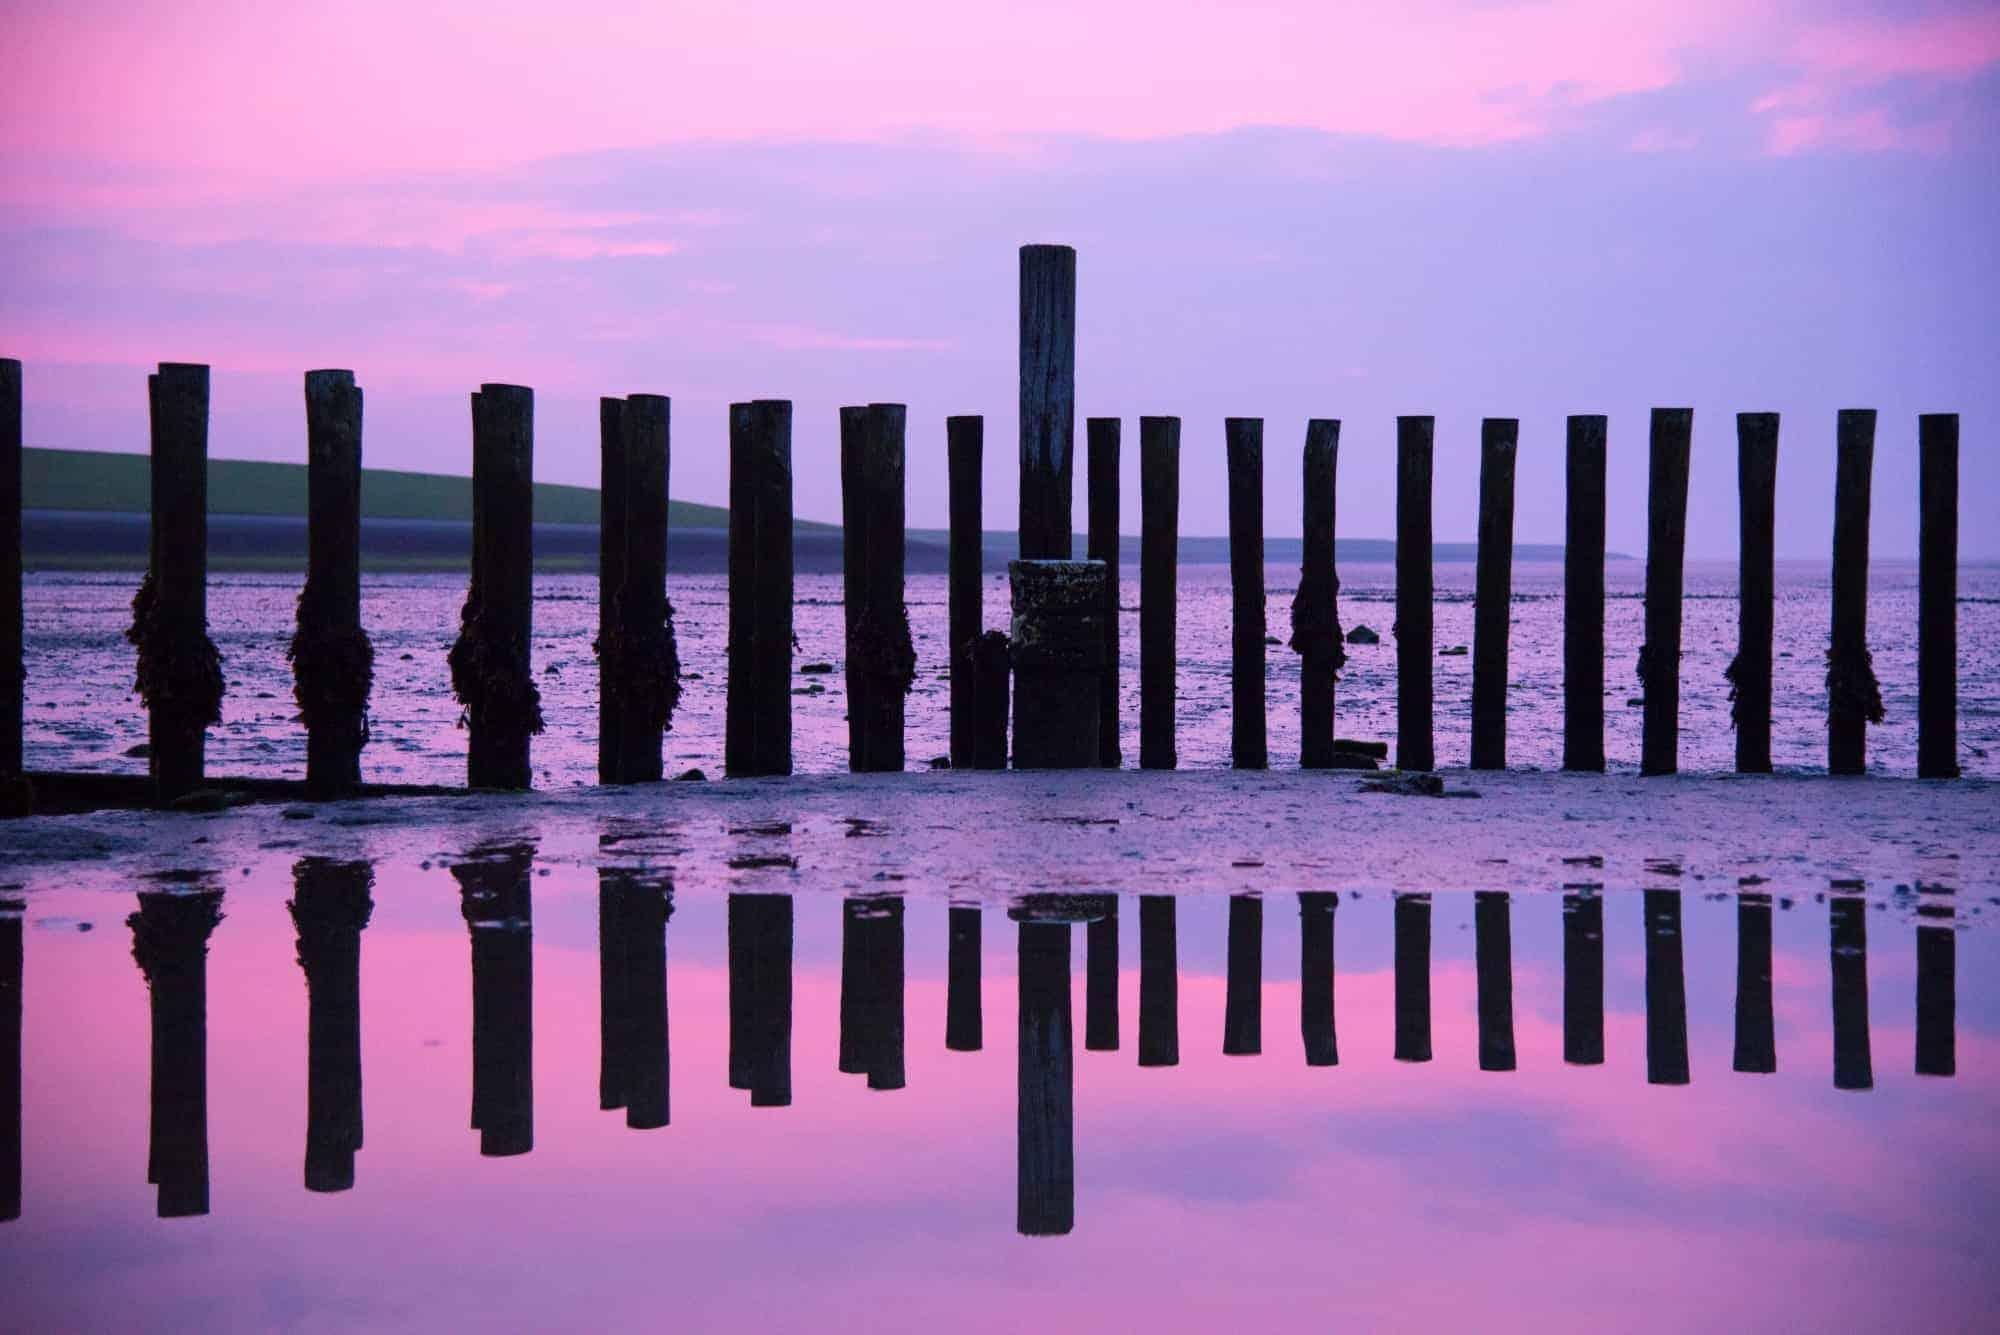 Paarse zonsopkomst met paaltjes - fotoweekend Ameland